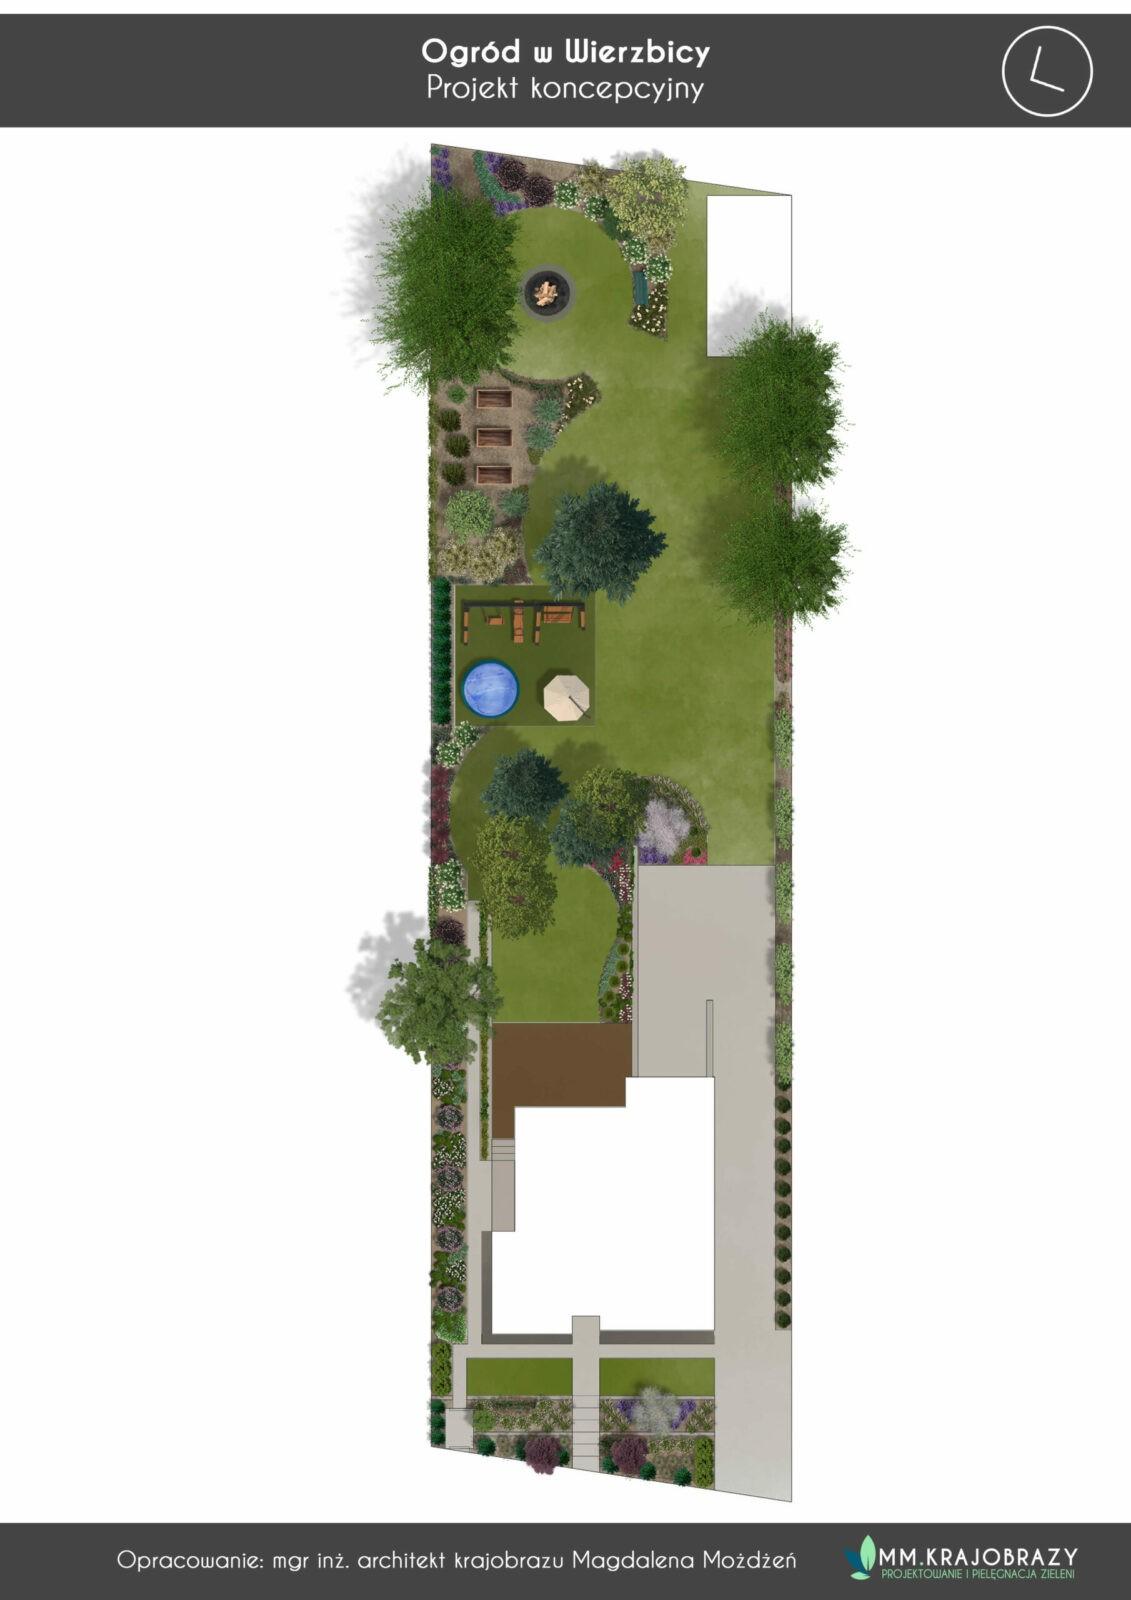 Projekt koncepcyjny ogrodu wierzbica